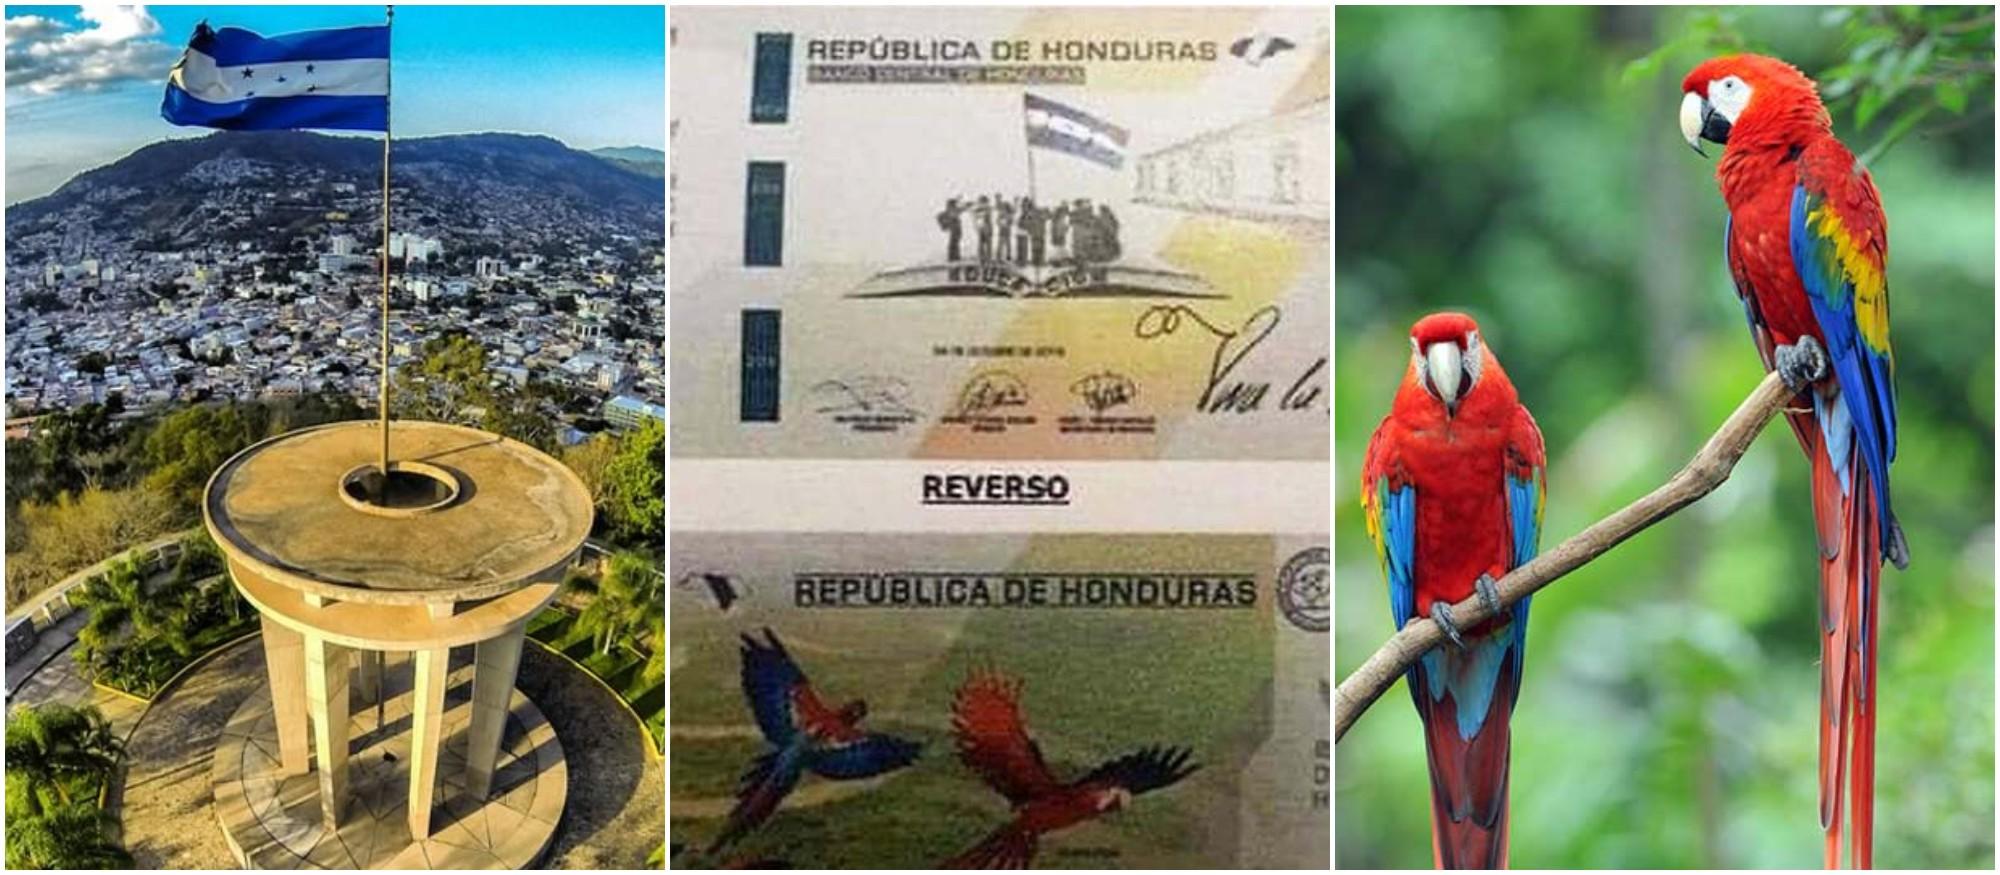 Lanzan billete de 200 lempiras por el Bicentenario en Honduras